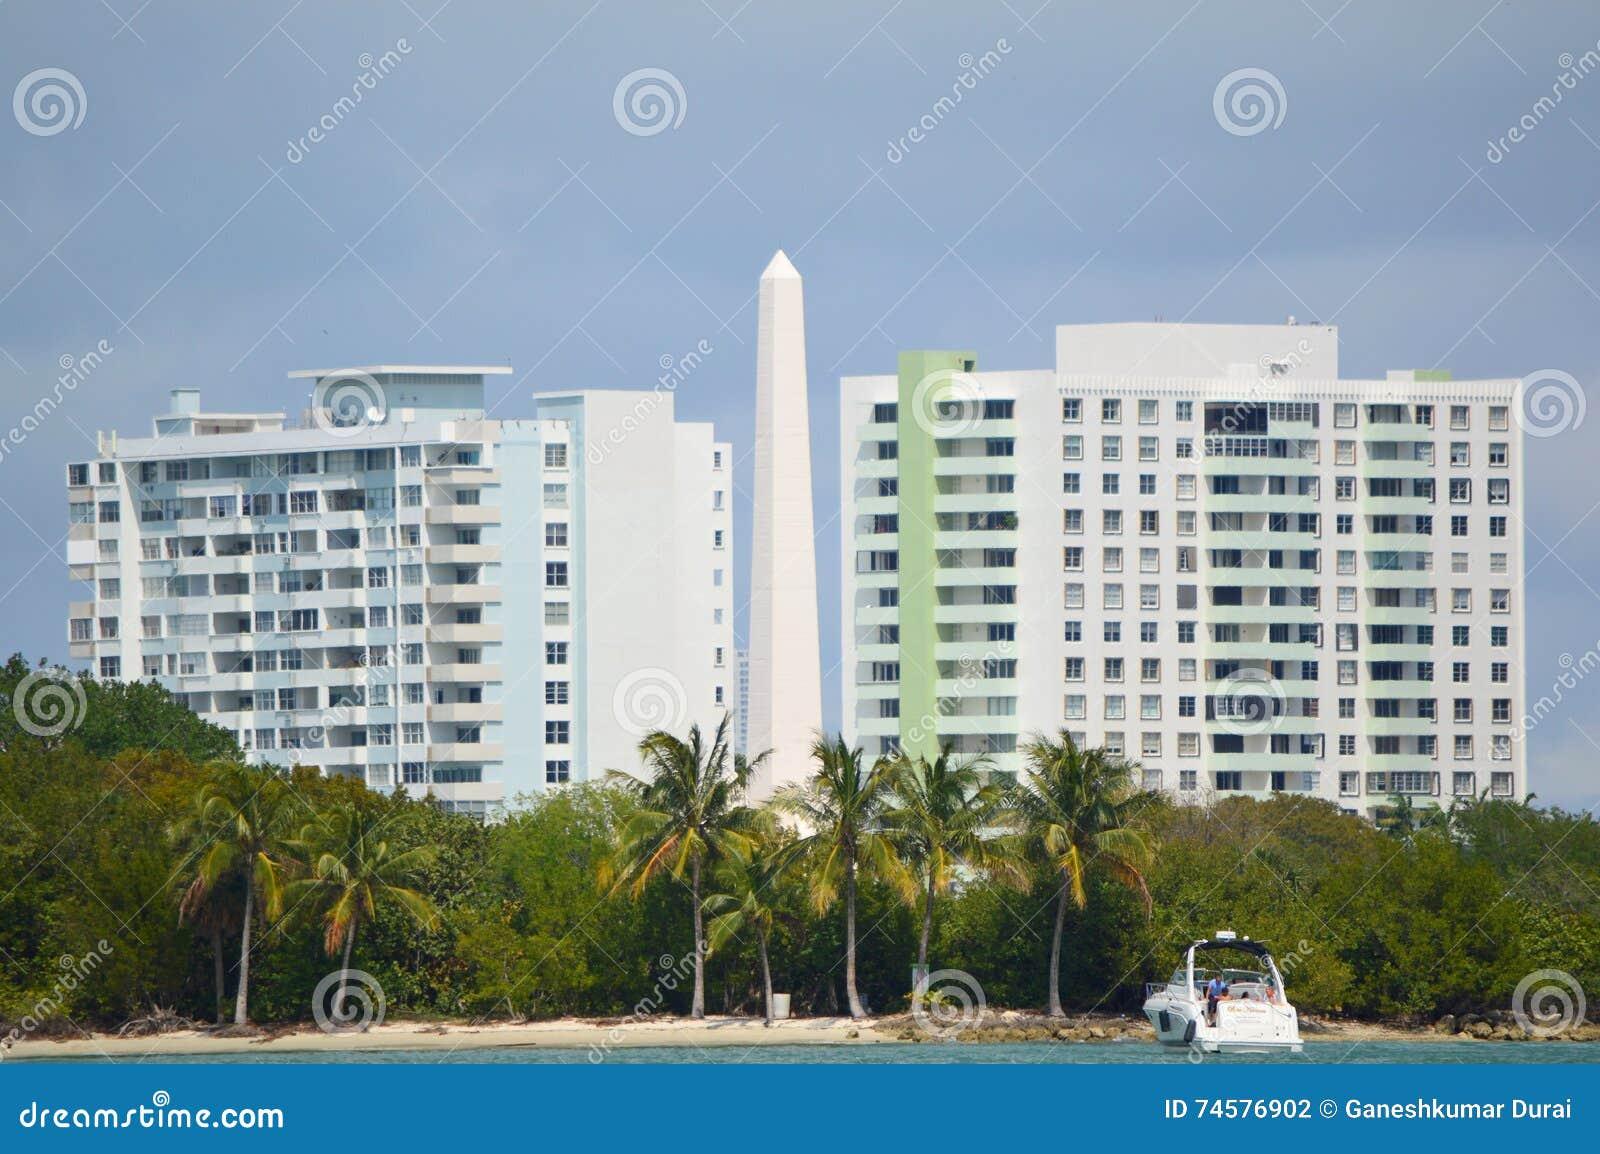 Island Queen Cruises Miami Beach Florida